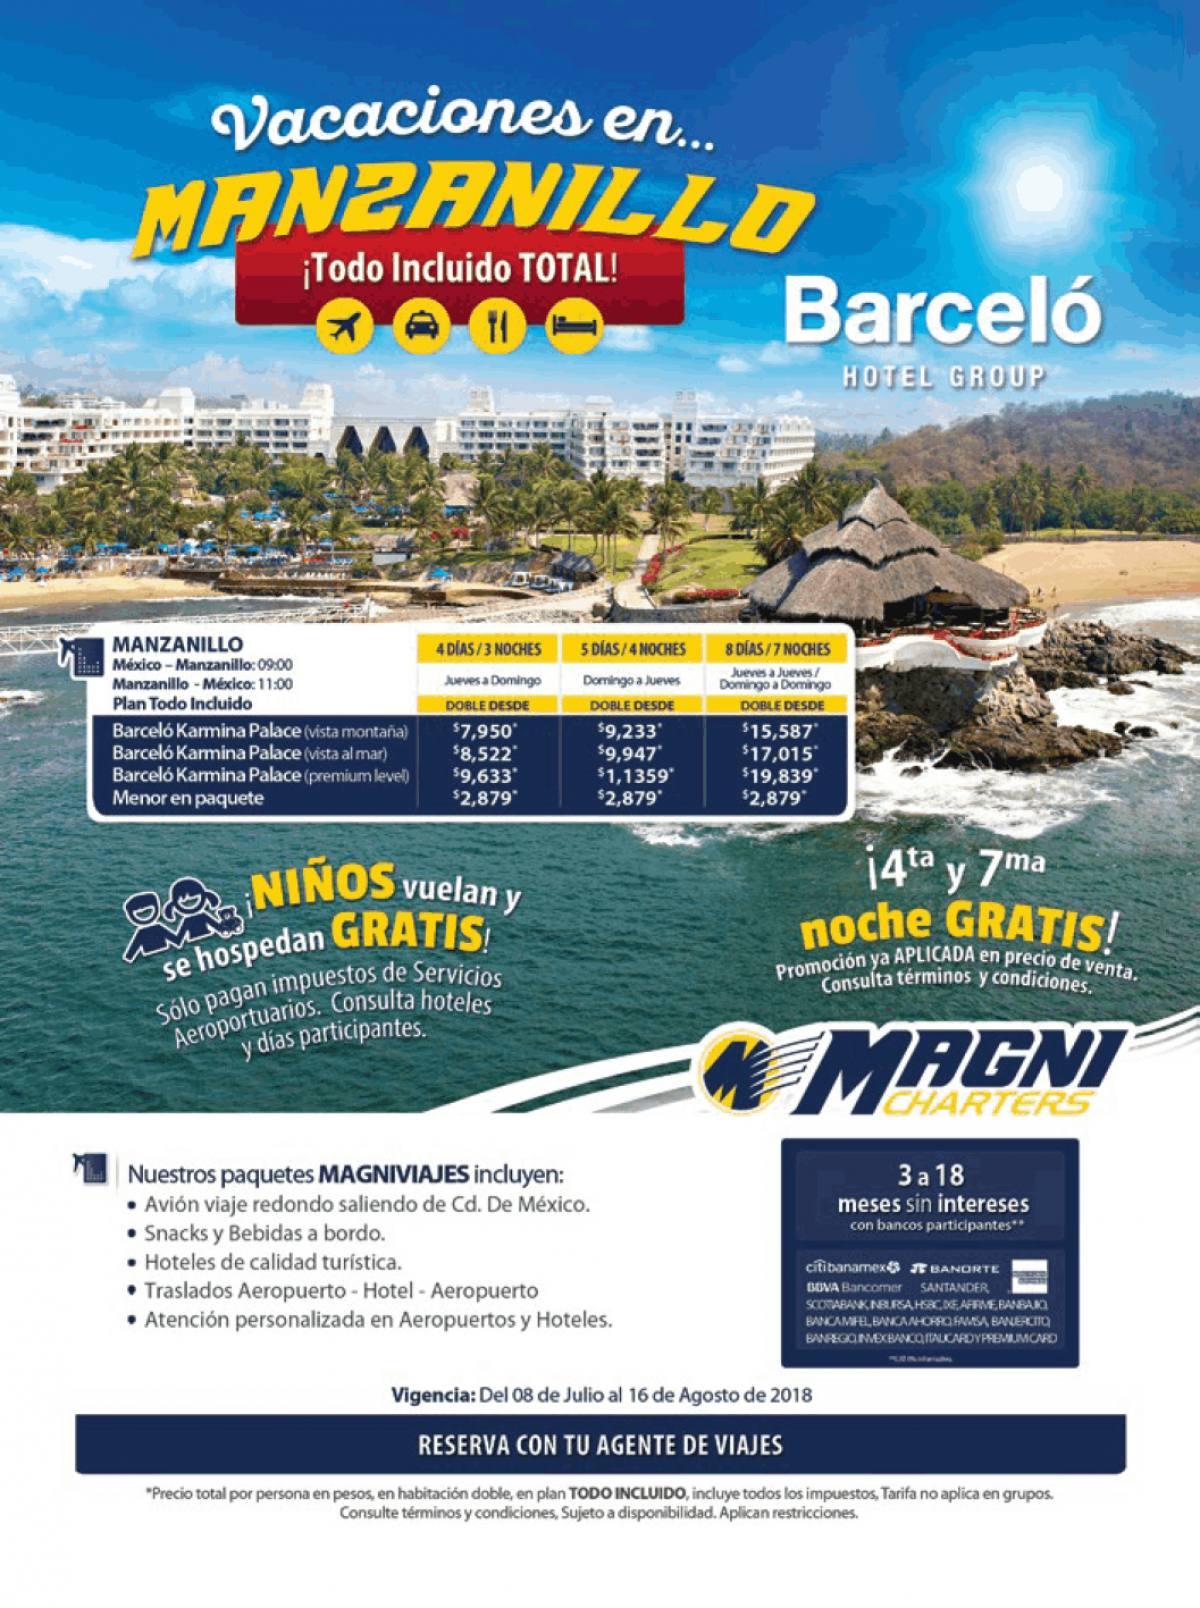 Magnicharters 2018 Barceló Hotel Paquetes a Manzanillo desde México